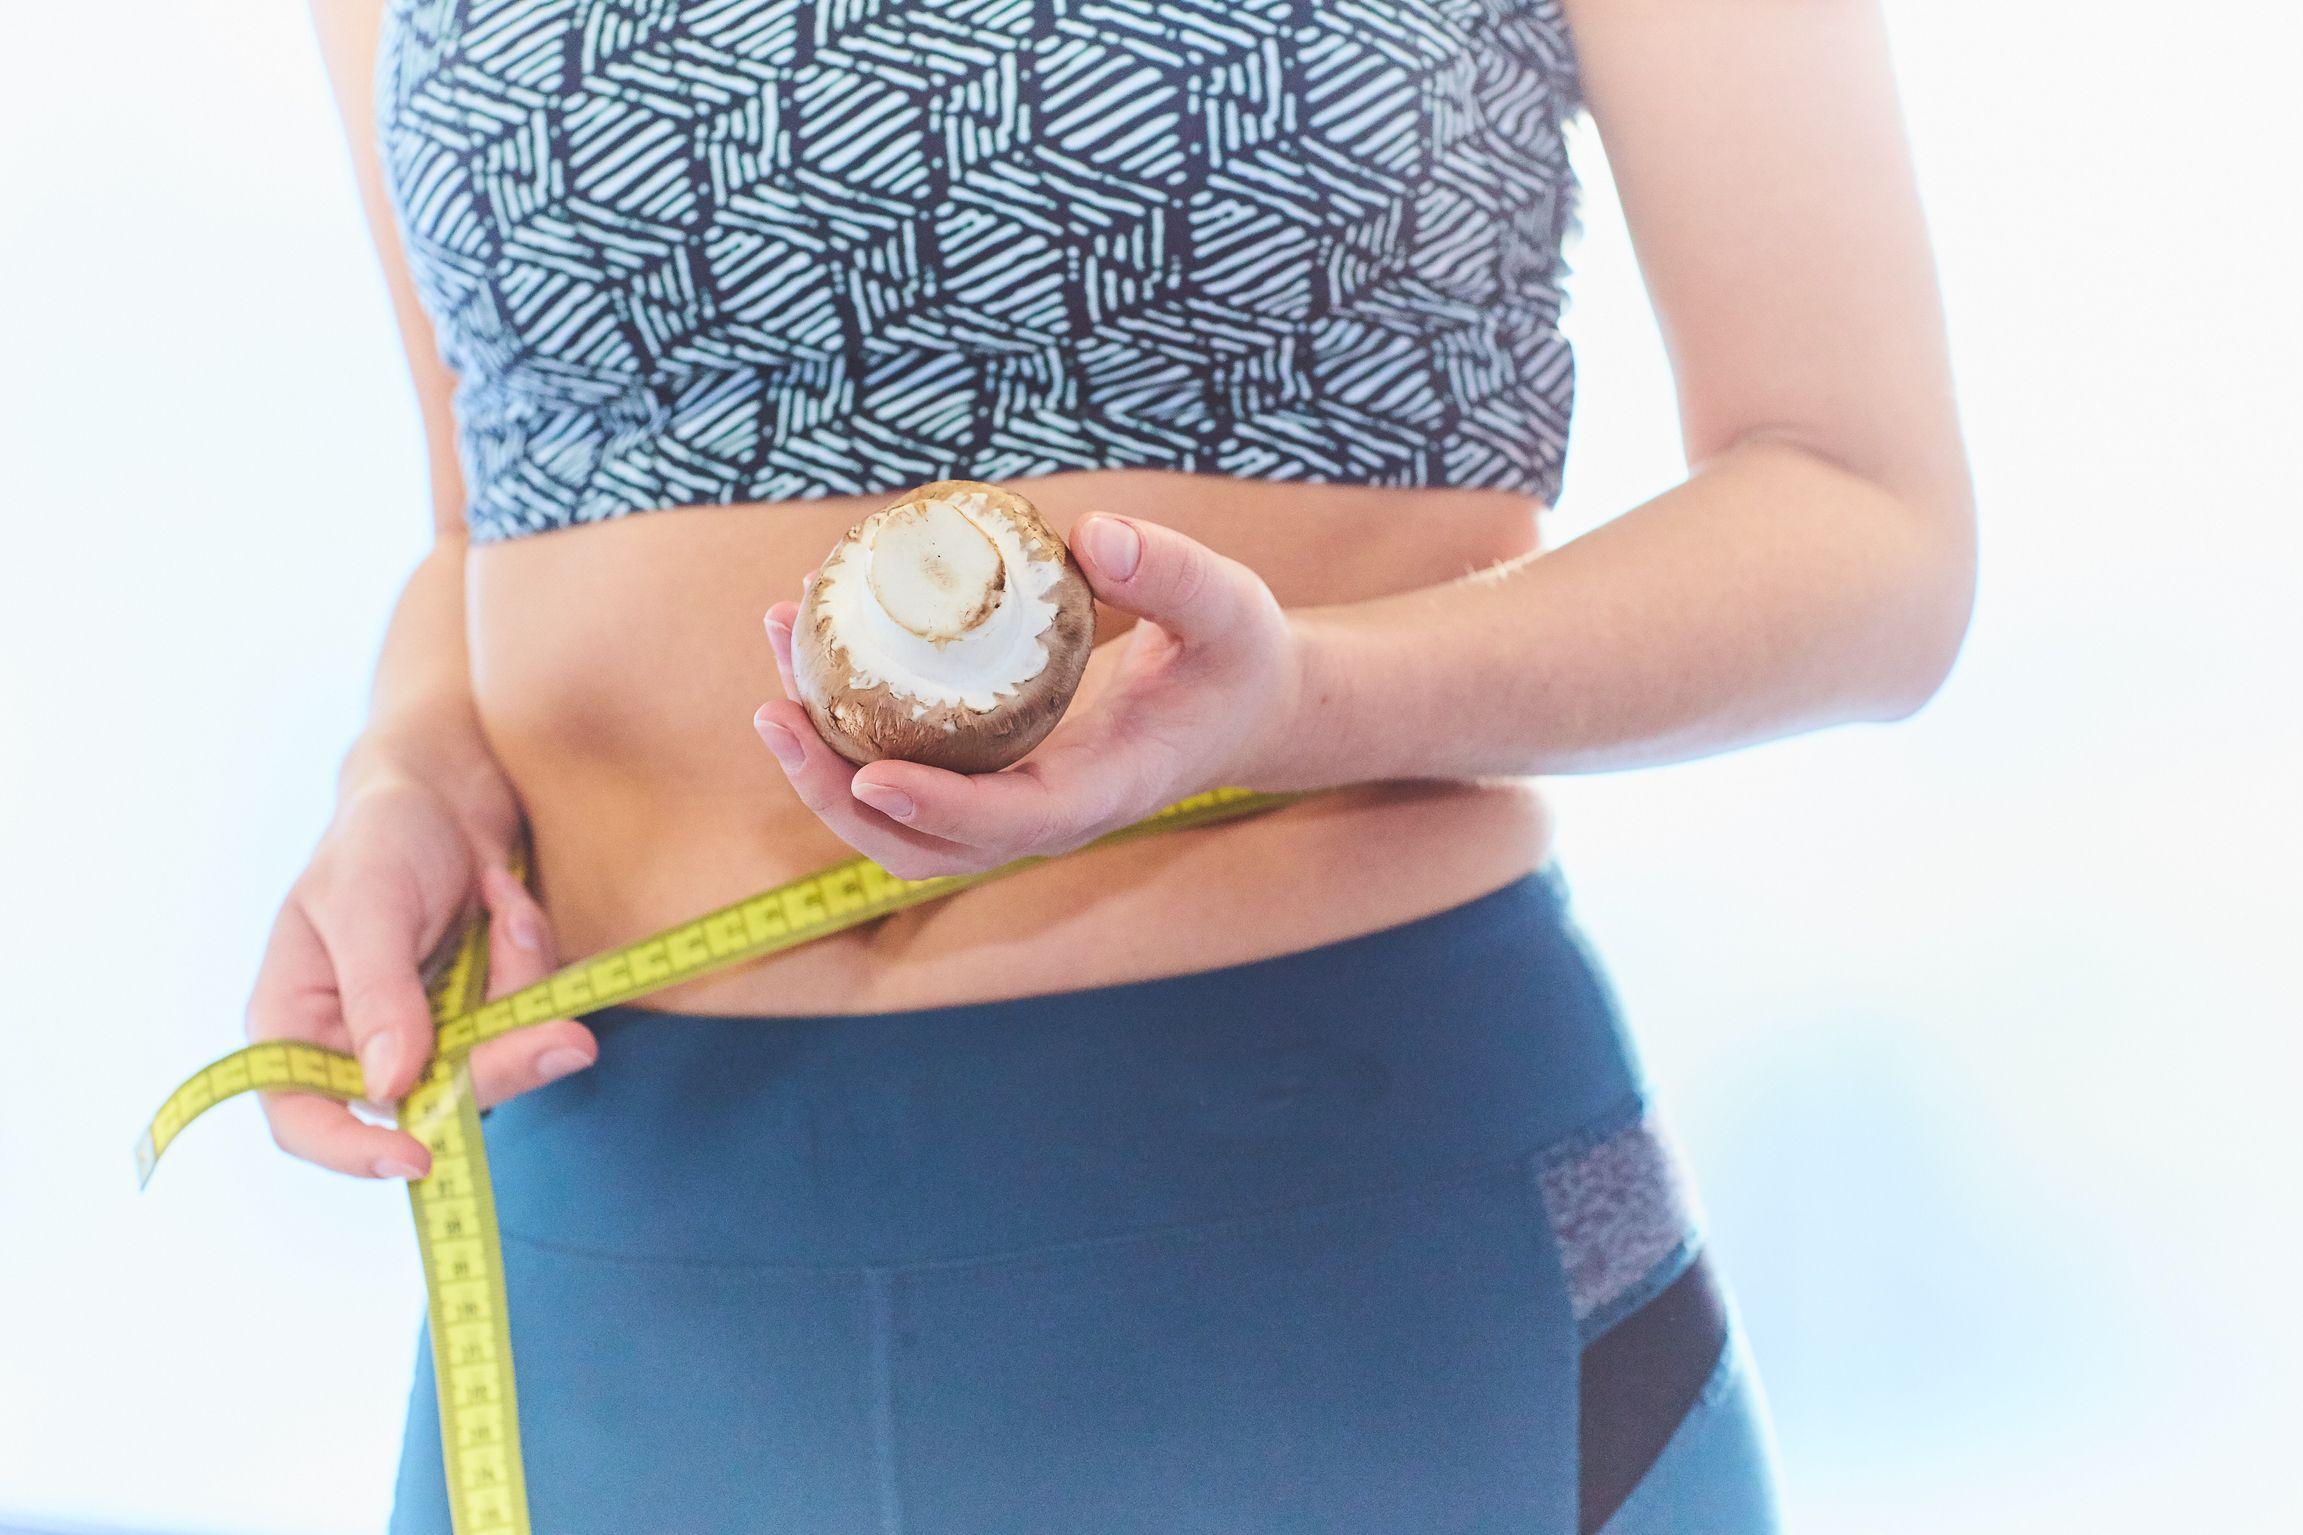 Zuckerkrank? Pilze helfen den Zuckergehalt im Blut niedrig zu halten